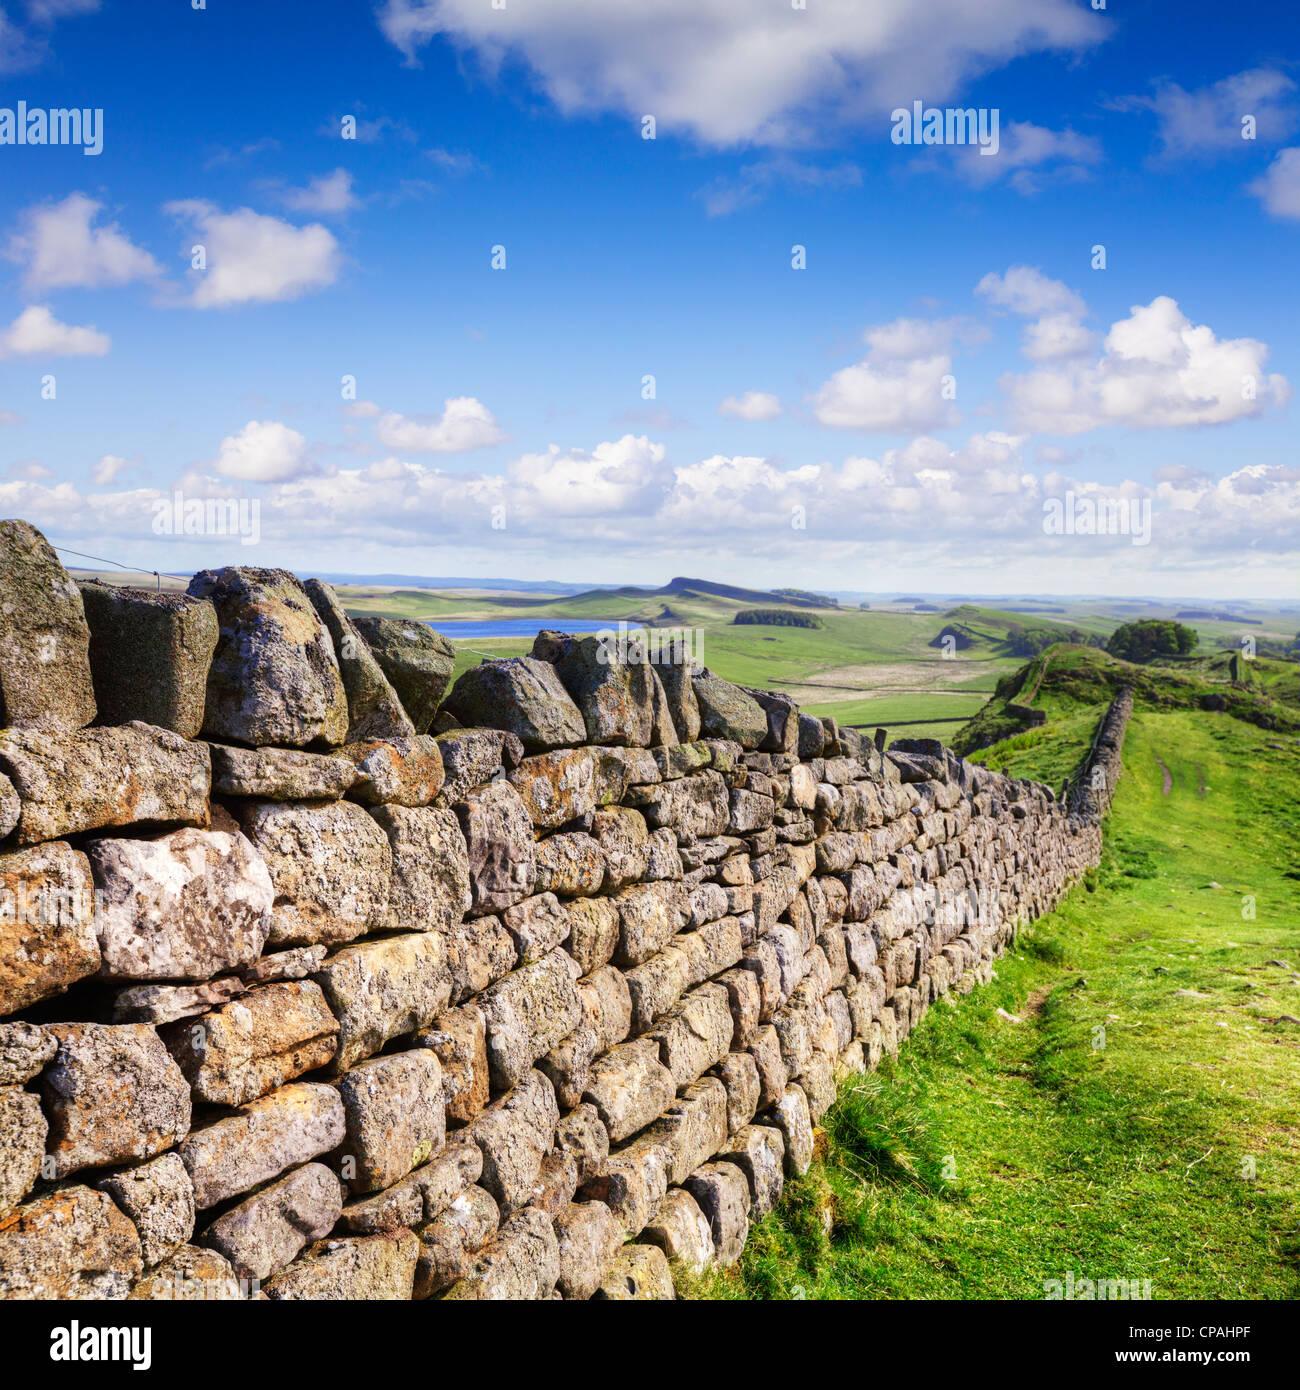 Mur de pierres sèches qui exécute le même cours que mur d'Hadrien, dans le Northumberland. Photo Stock